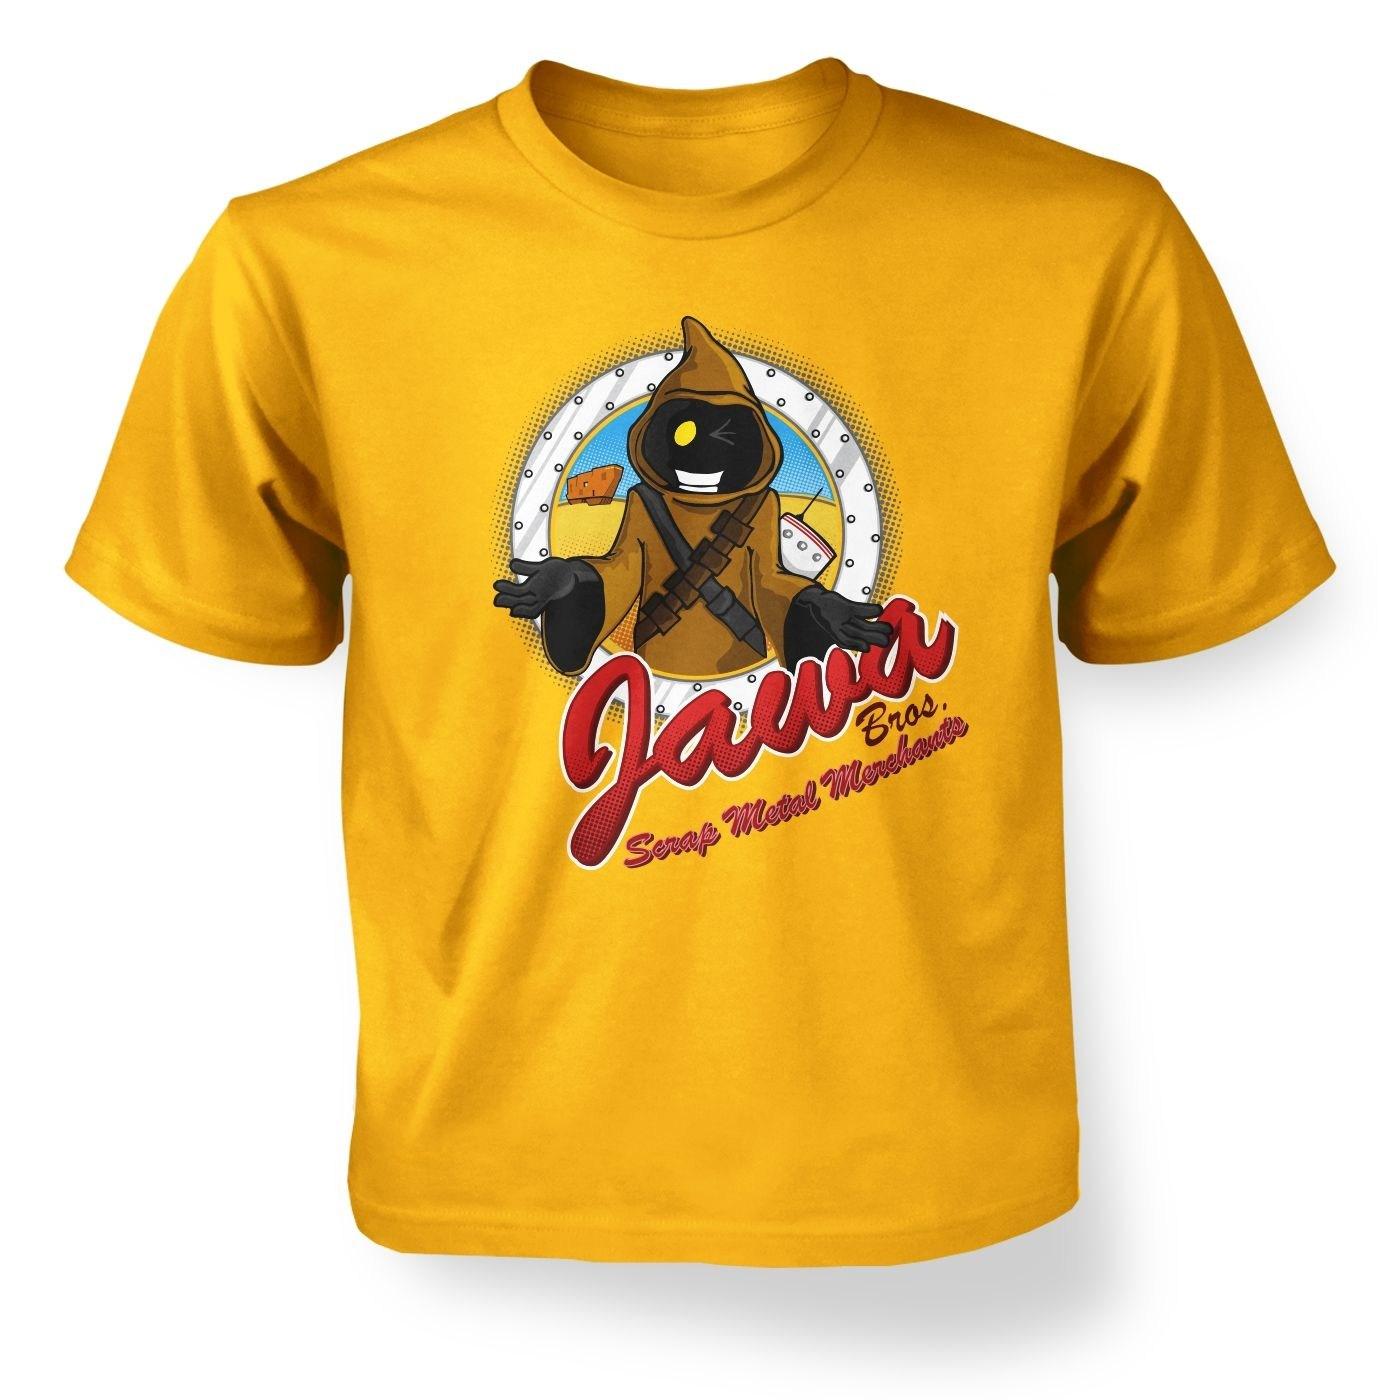 Version 2  - Jawa Bros Scrap Metal Merchants Kids T-shirt